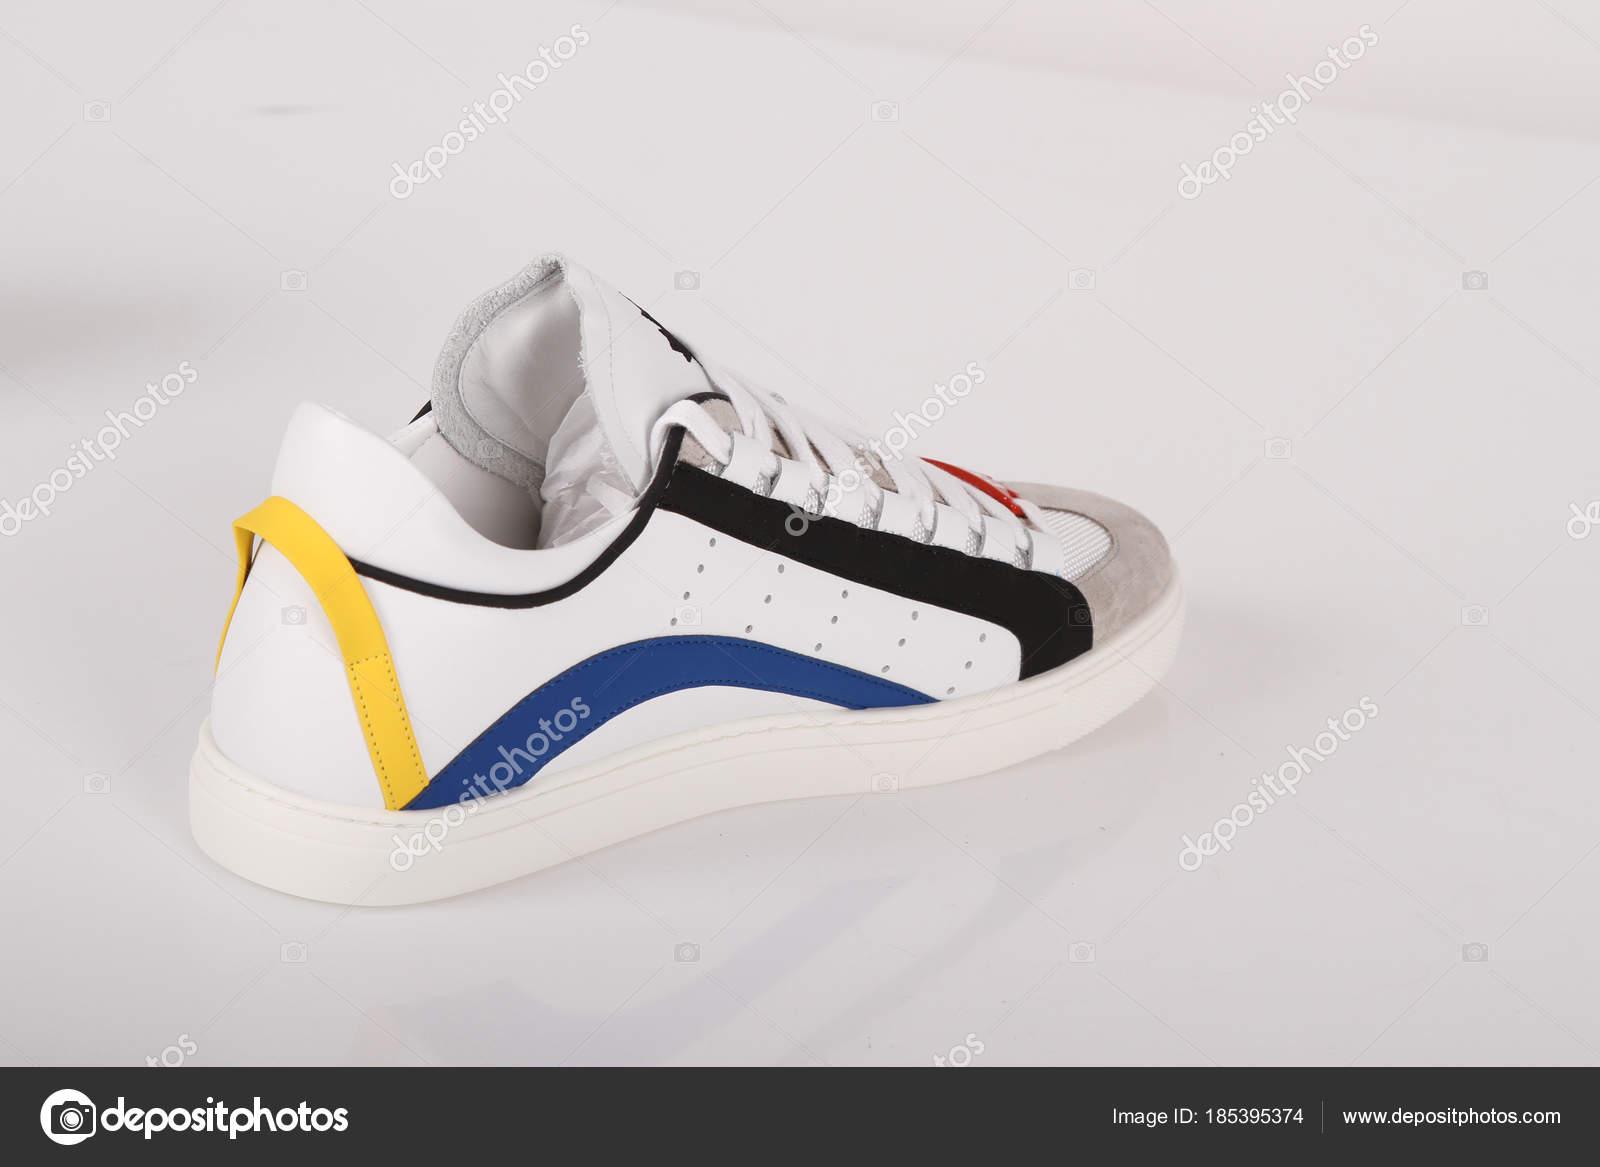 2776435d57 Divatos Márka Cipő Minőségi Gyártó Világ Divat Cipők Katalógus– stock kép